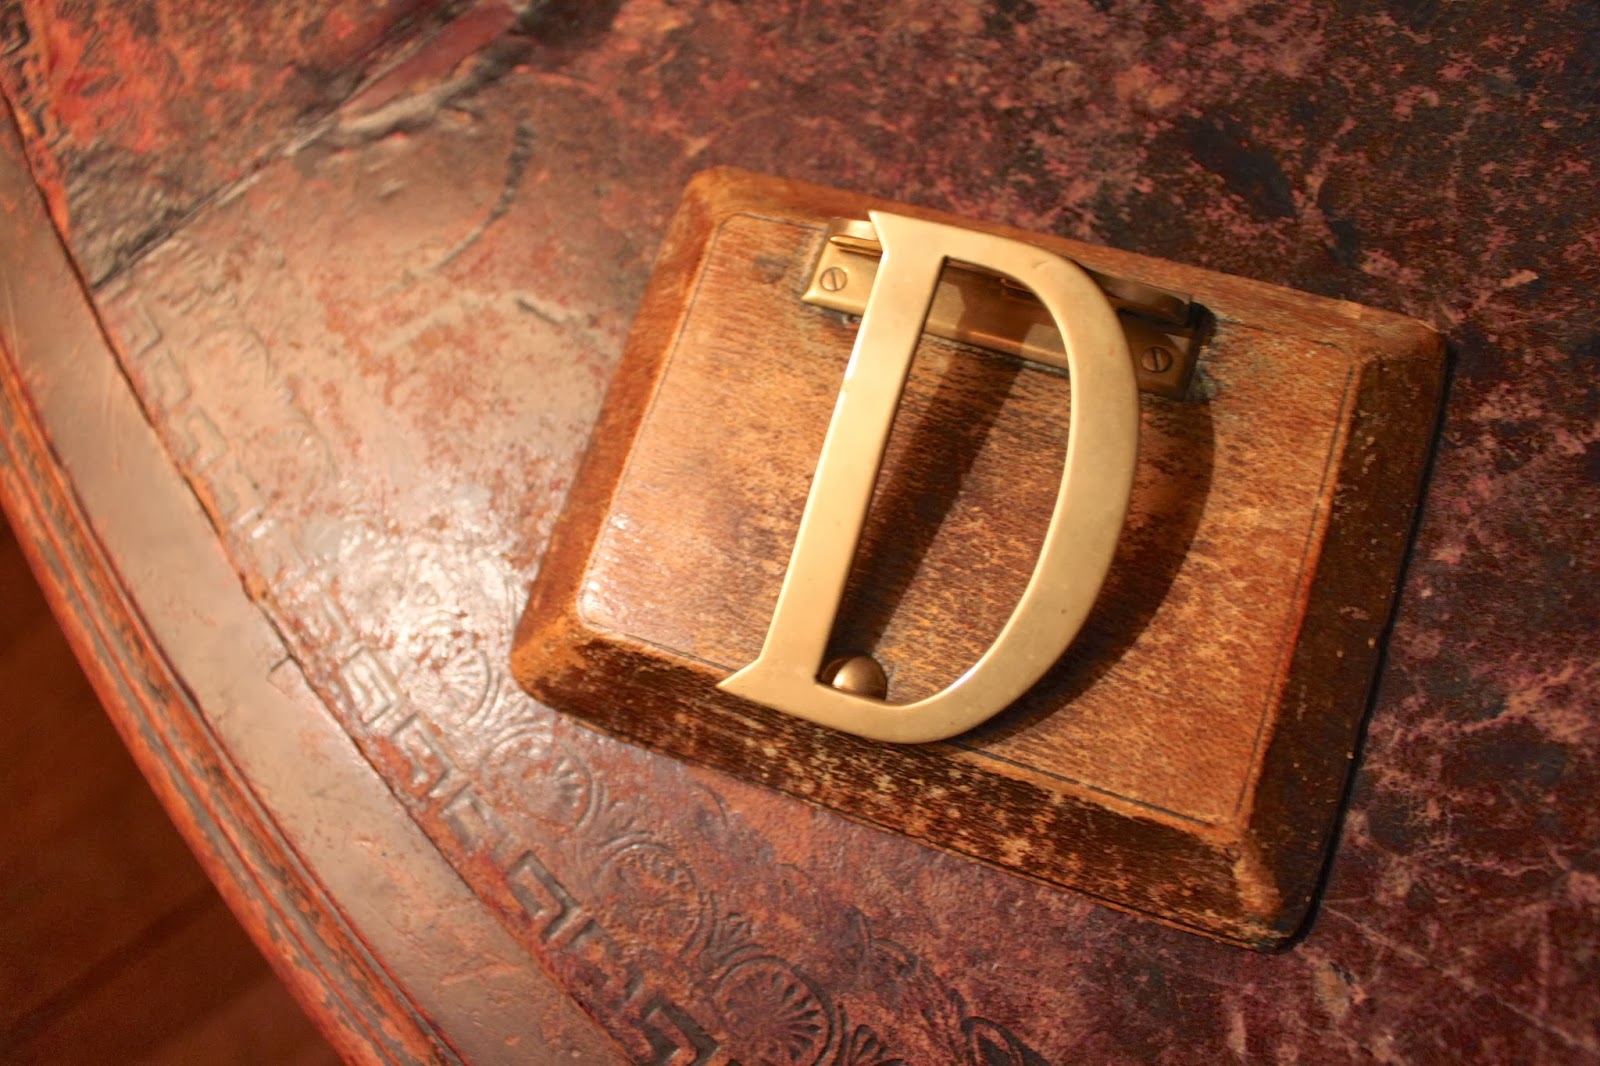 Castle Drogo, Julius Drewe, Letter Clip